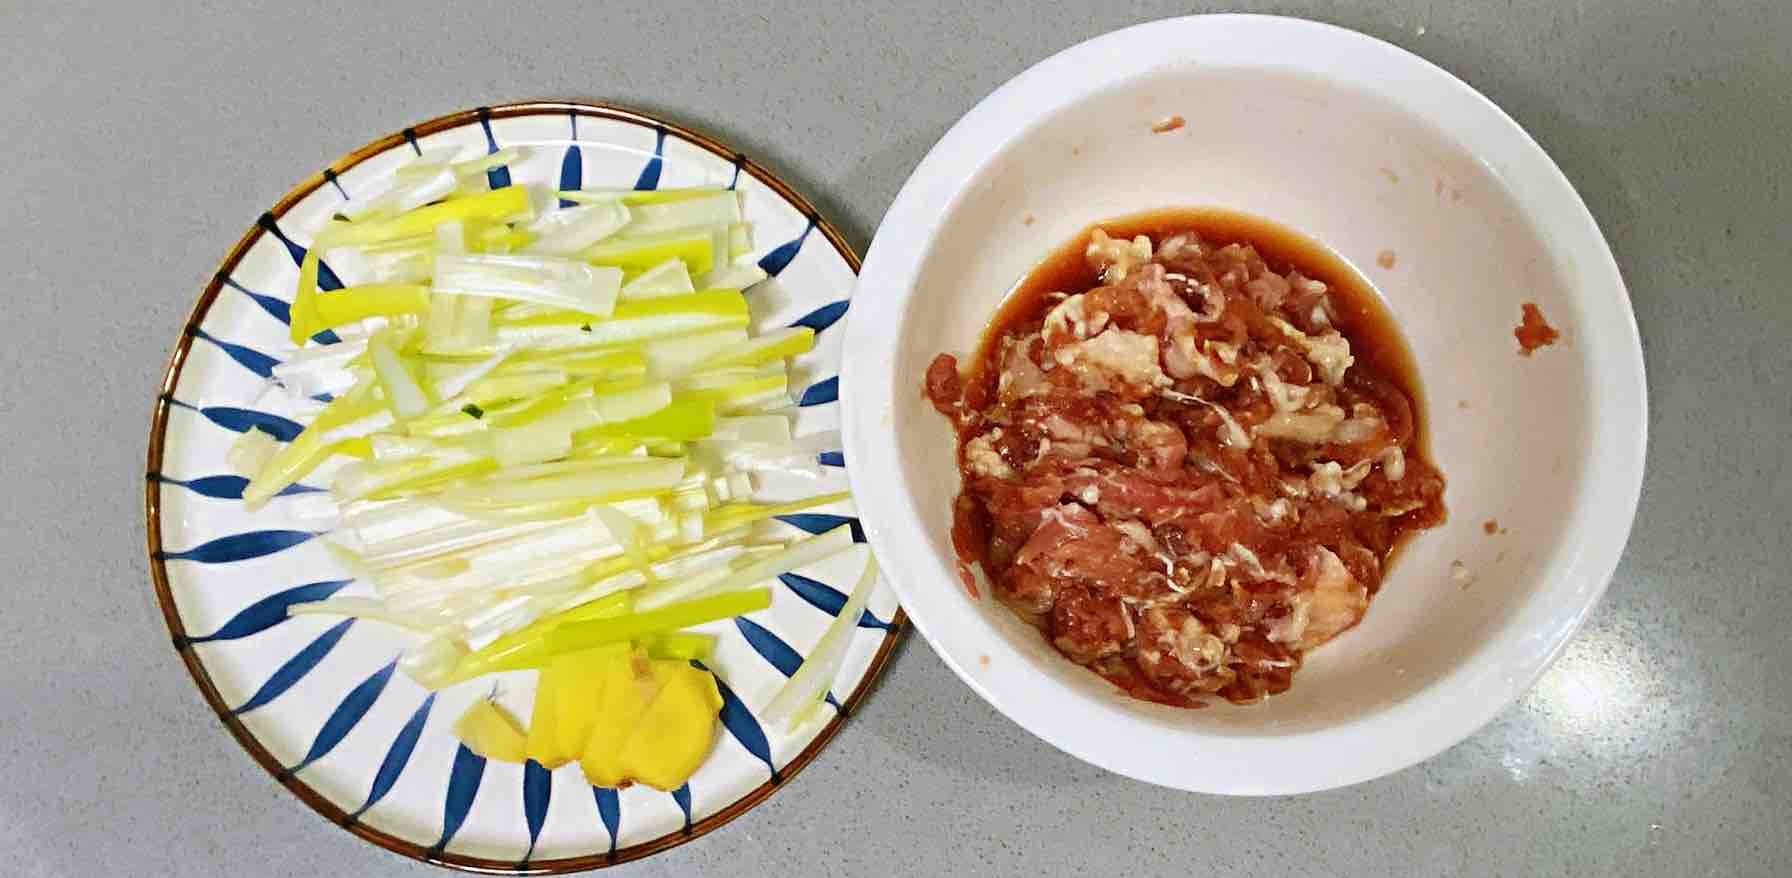 【孕妇食谱】葱爆羊肉,香而不膻,超级下饭~的简单做法